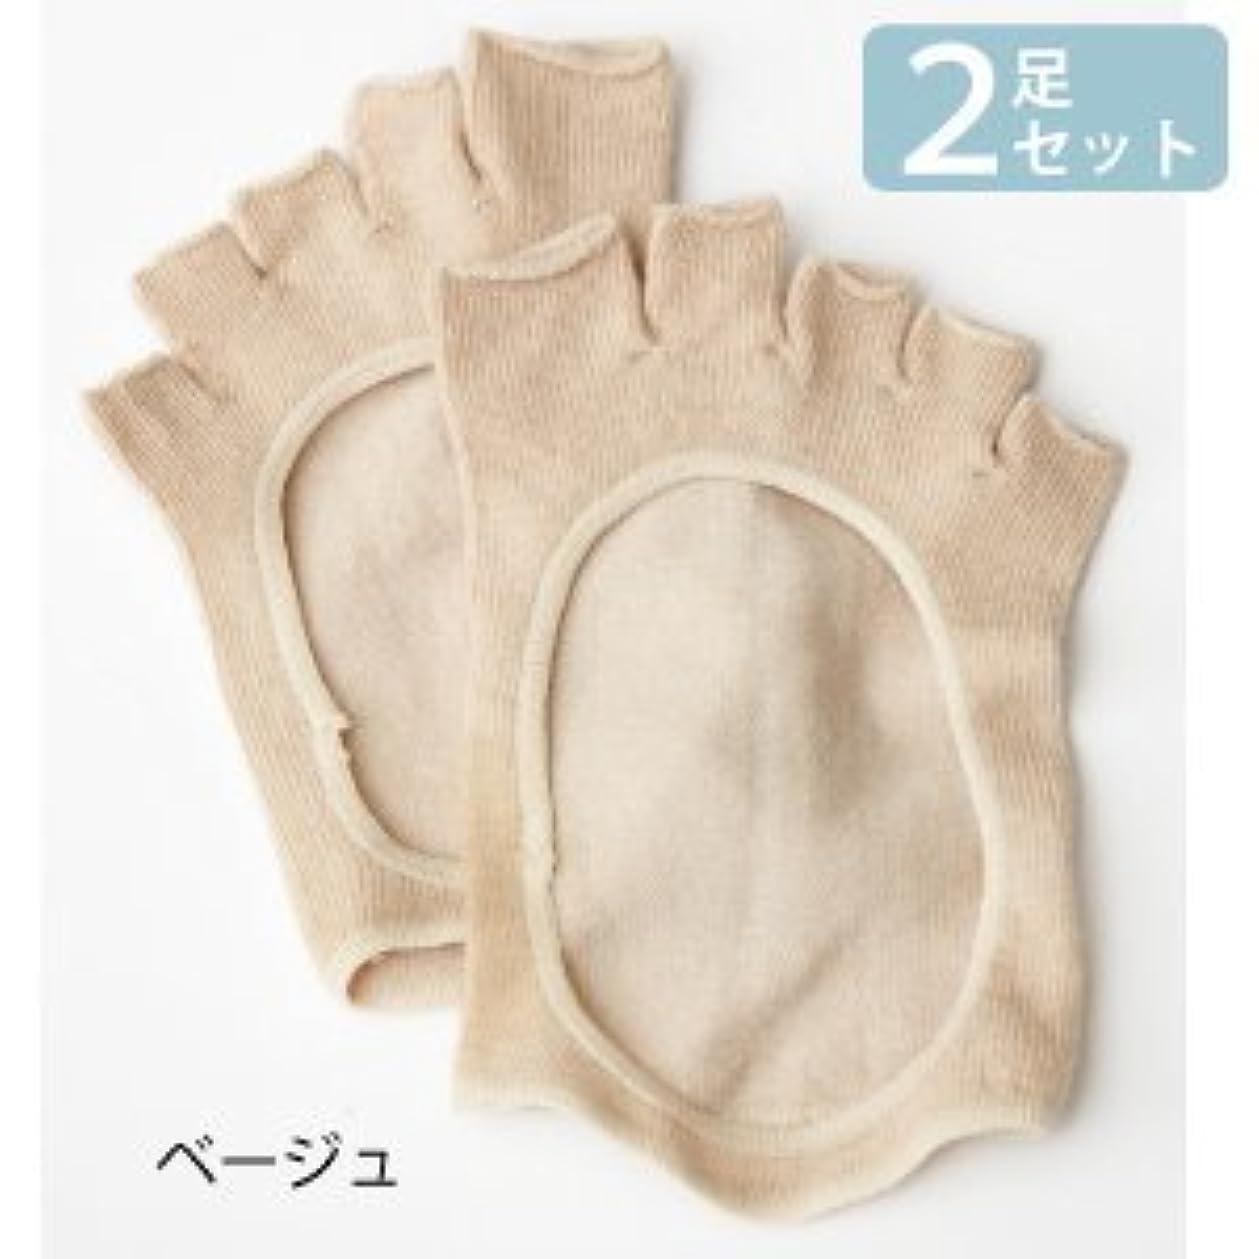 けん引値ホイッスル脱げにくい 足指セパレーター (6足セット, ベージュ)